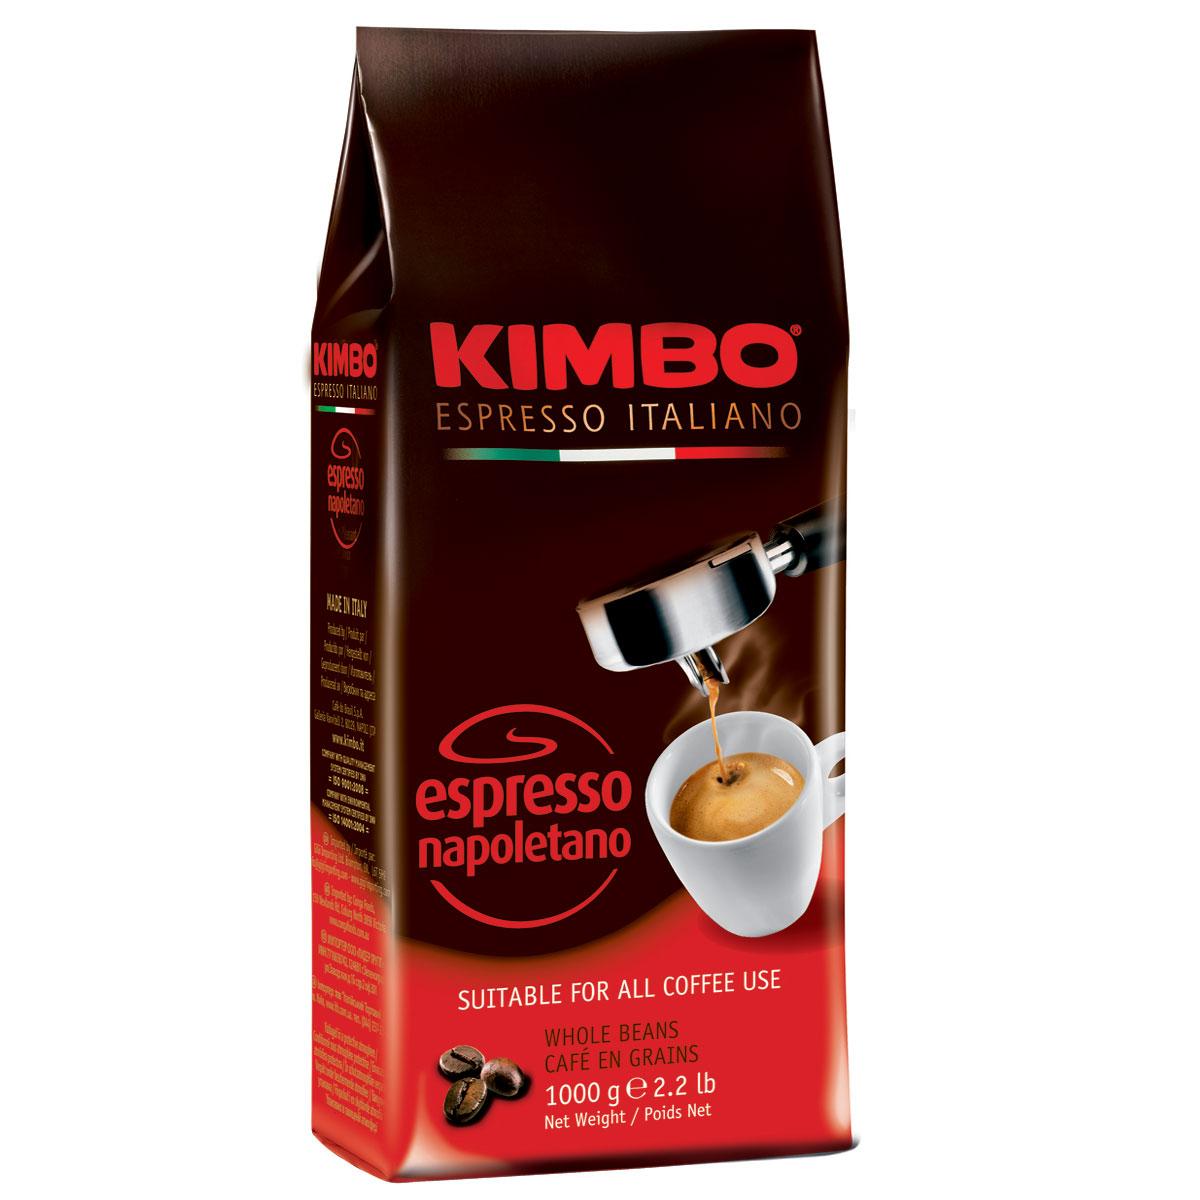 Kimbo Espresso Napoletano кофе в зернах, 1 кг0120710Натуральный жареный кофе в зернах Kimbo Espresso Napoletano с интенсивным вкусом и богатым ароматом. Традиционная неаполитанская обжарка характеризуется густой пенкой. Идеально подходит для любителей крепкого эспрессо. Смесь содержит 90% арабики и 10% робусты.